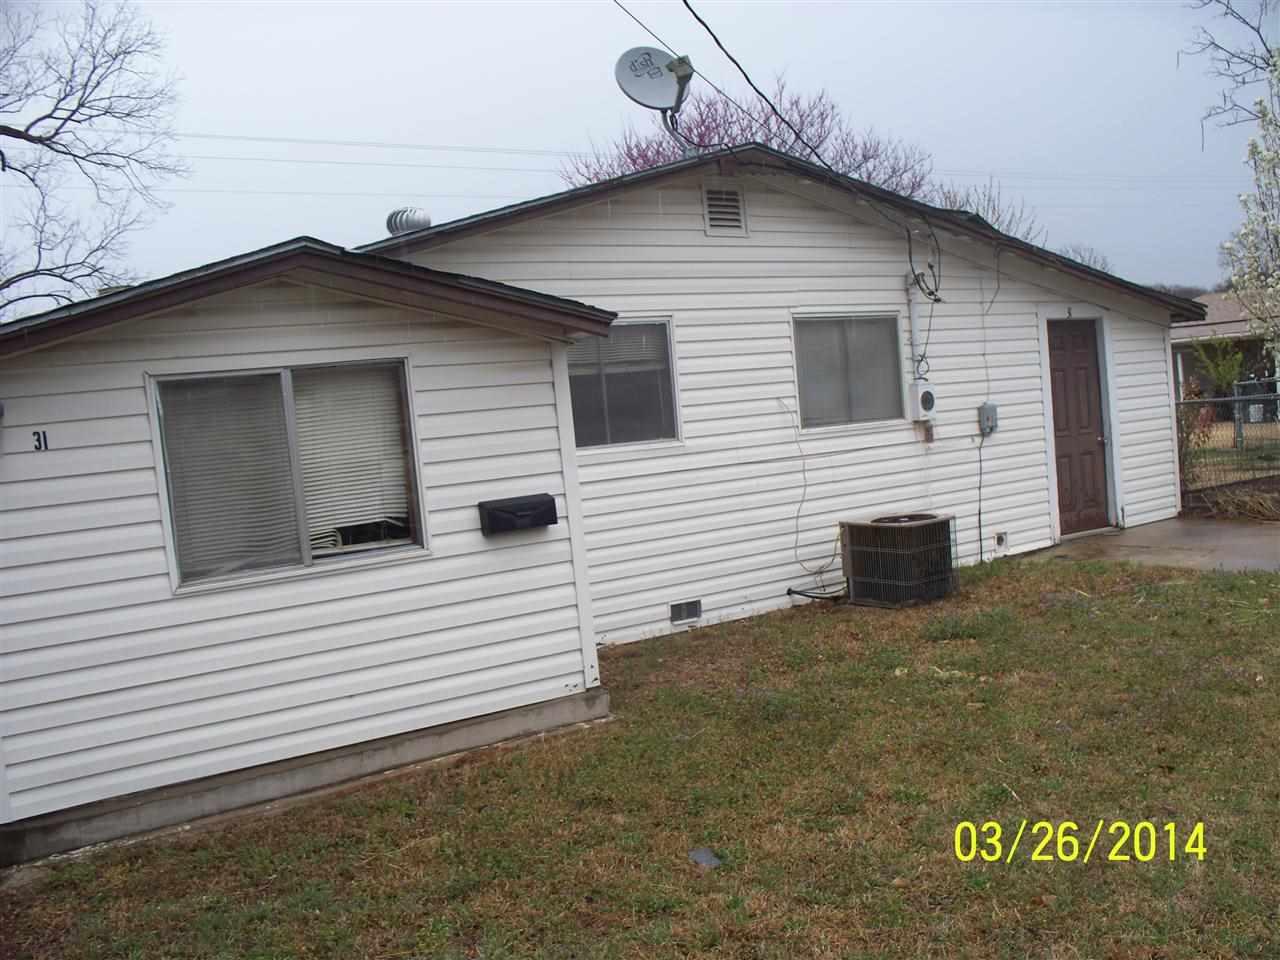 31 Jolene Reid Rd, Mead, OK 73449